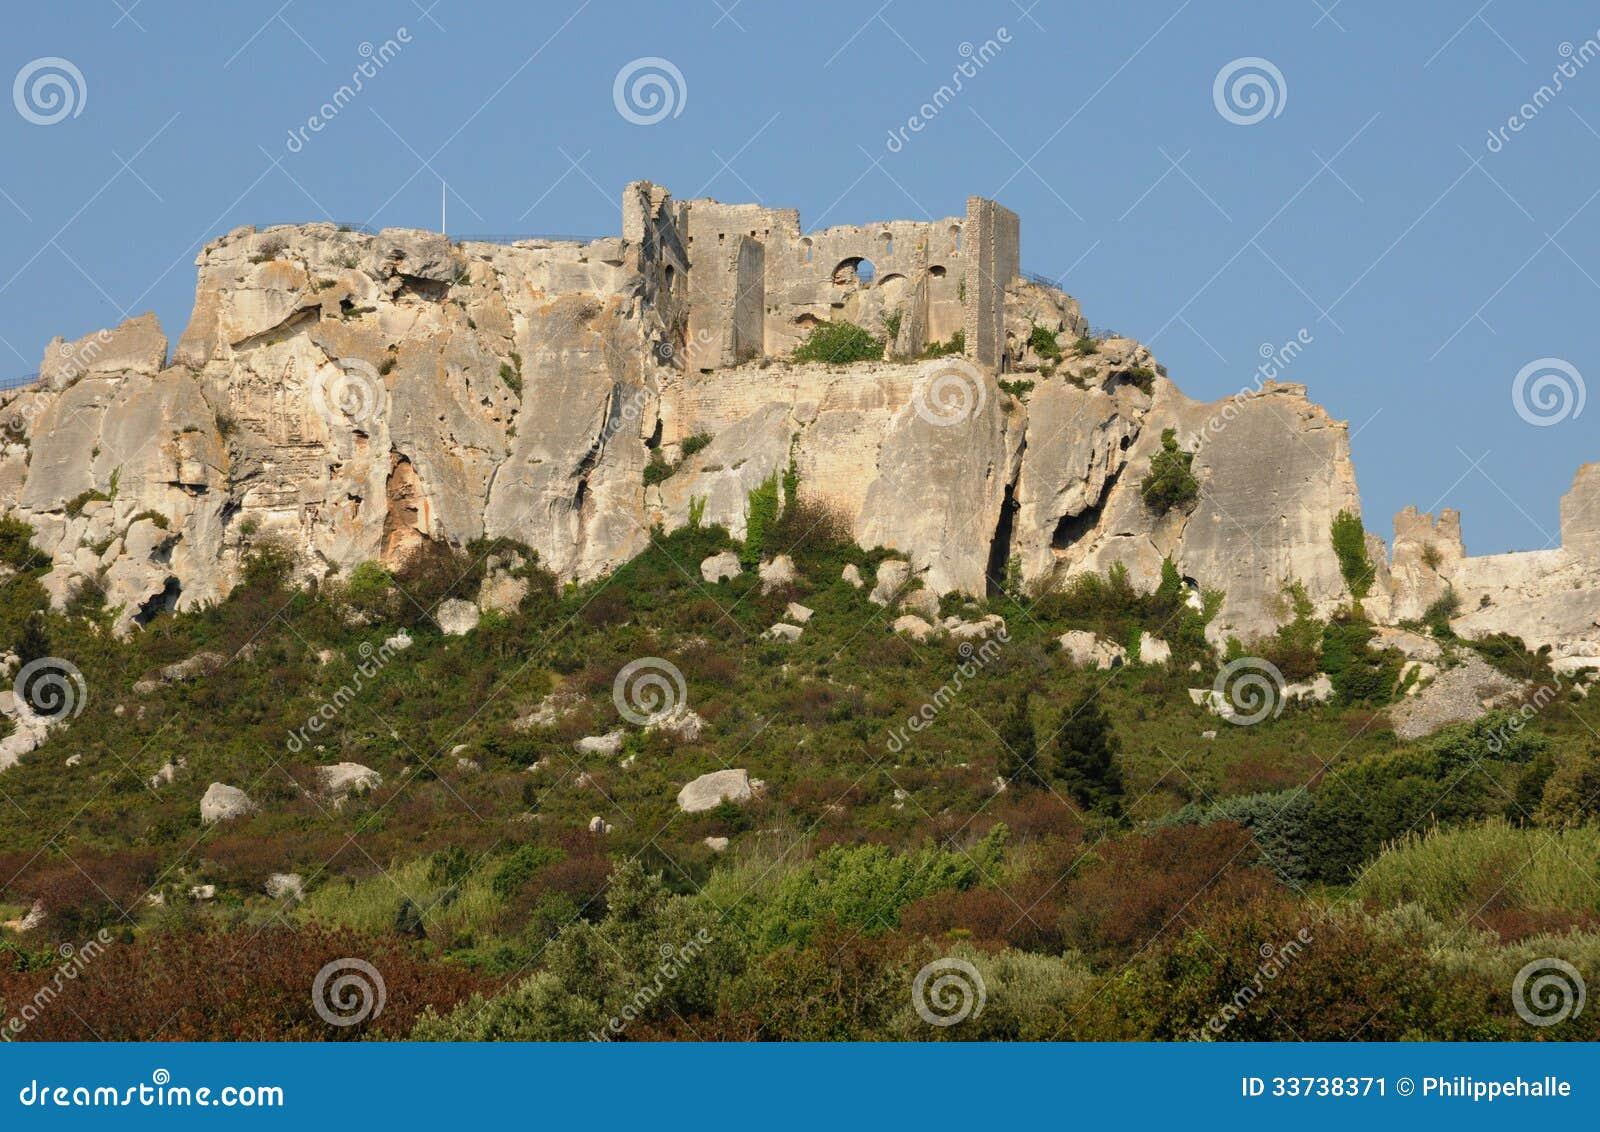 Paysages typiques de la Les-Baux-De-Provence